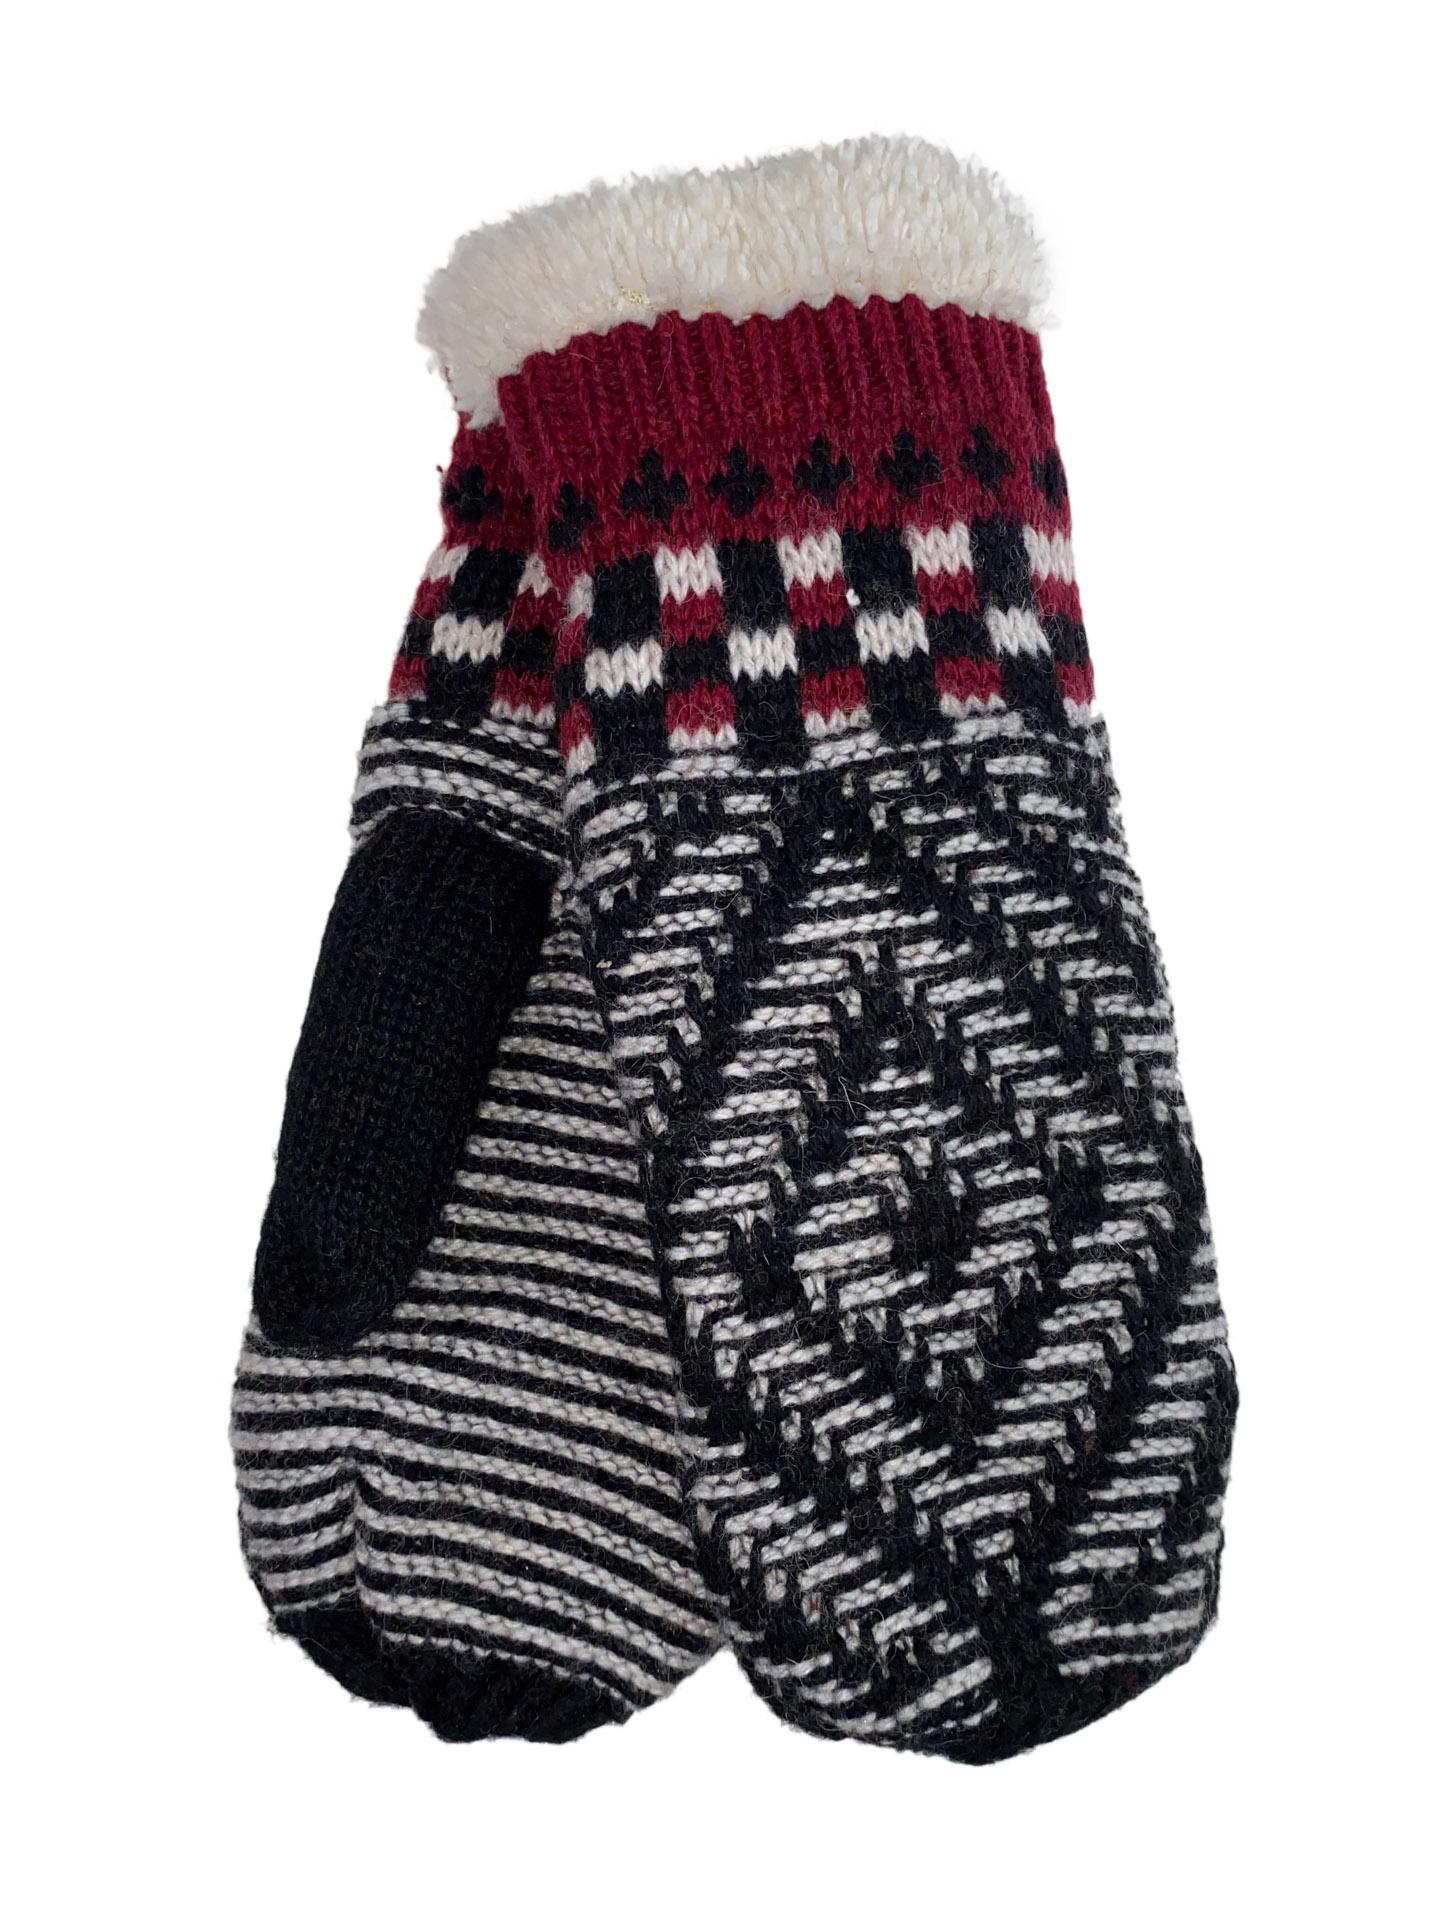 Женские тёплые варежки из шерсти и акрила с орнаментом, цвет чёрный с бордовым и белым12345VP1220/3